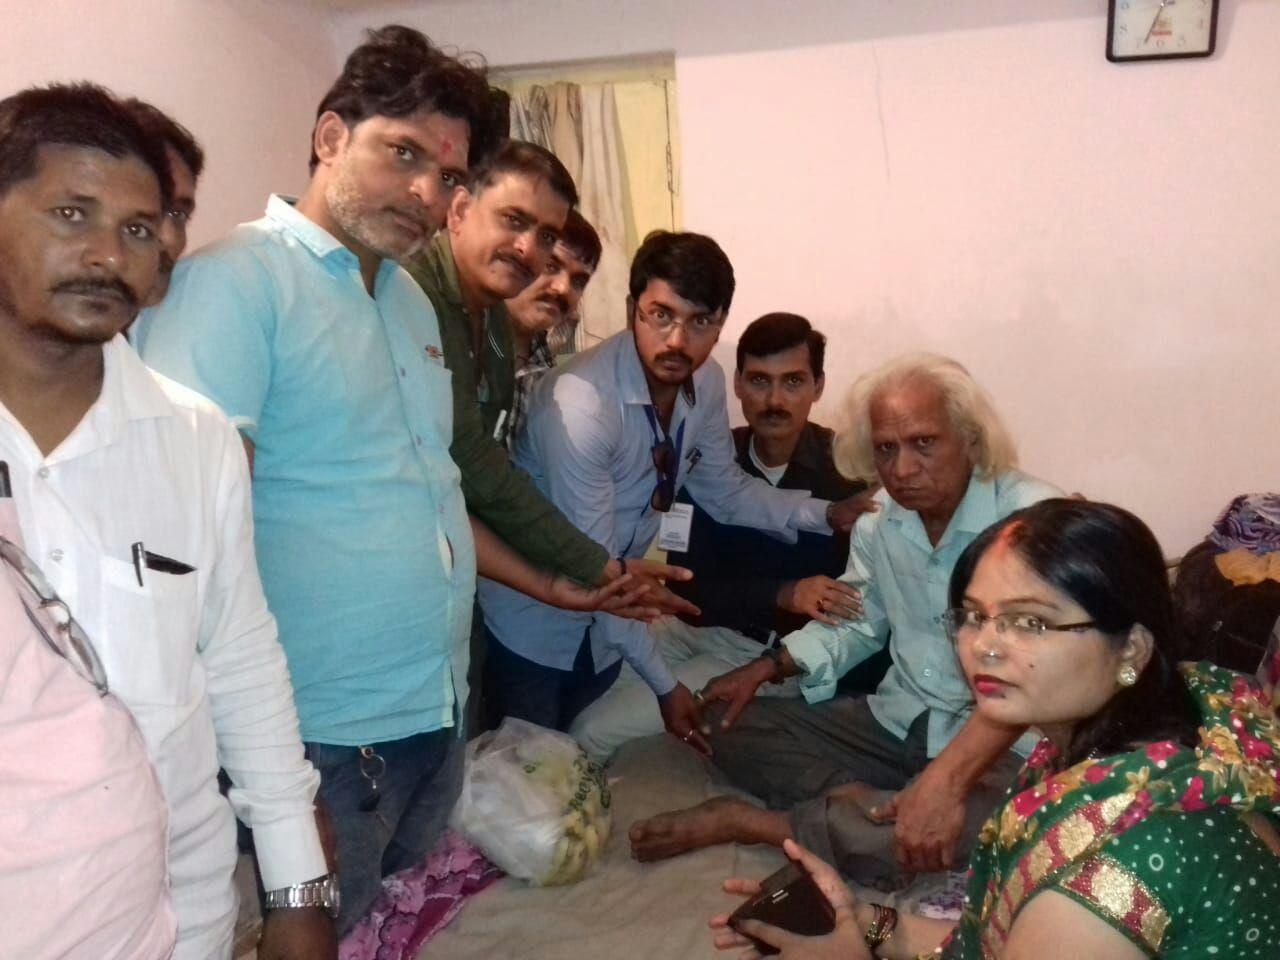 हिंदी समाचार |पीड़ित पत्रकार की मदद करने...